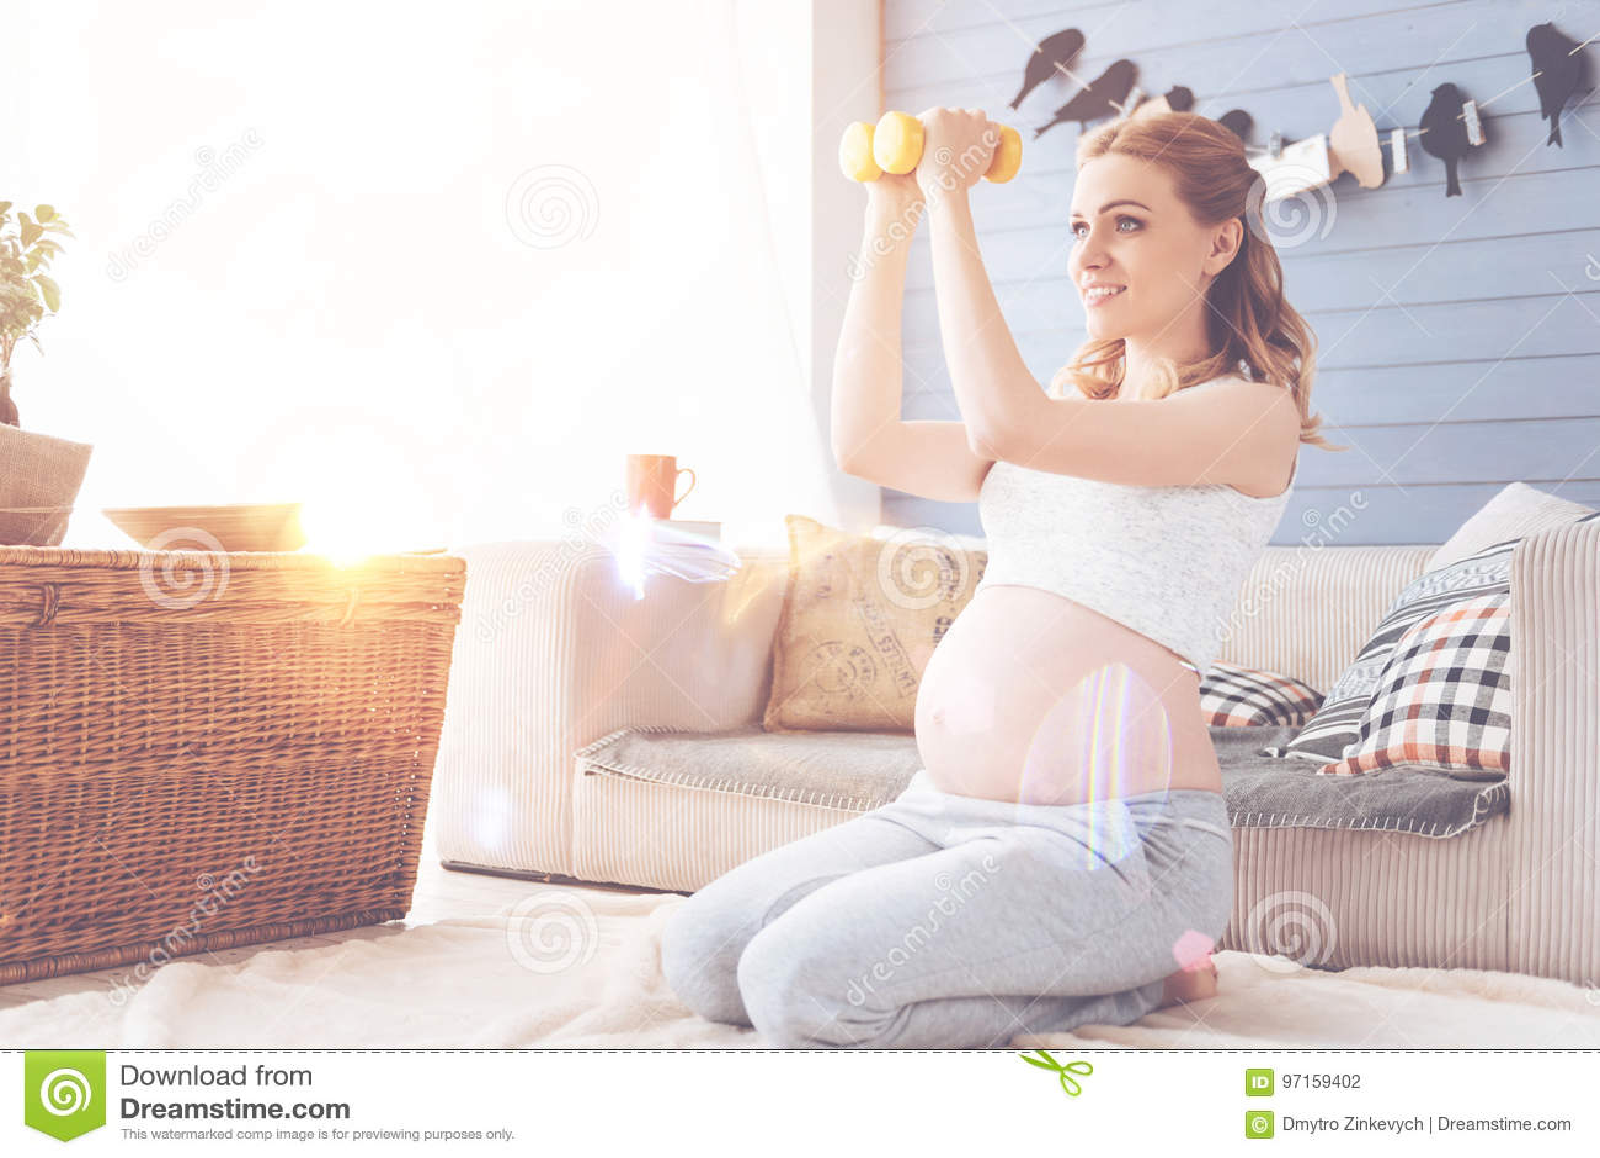 Положительная красивая беременная женщина делая тренировки спорта